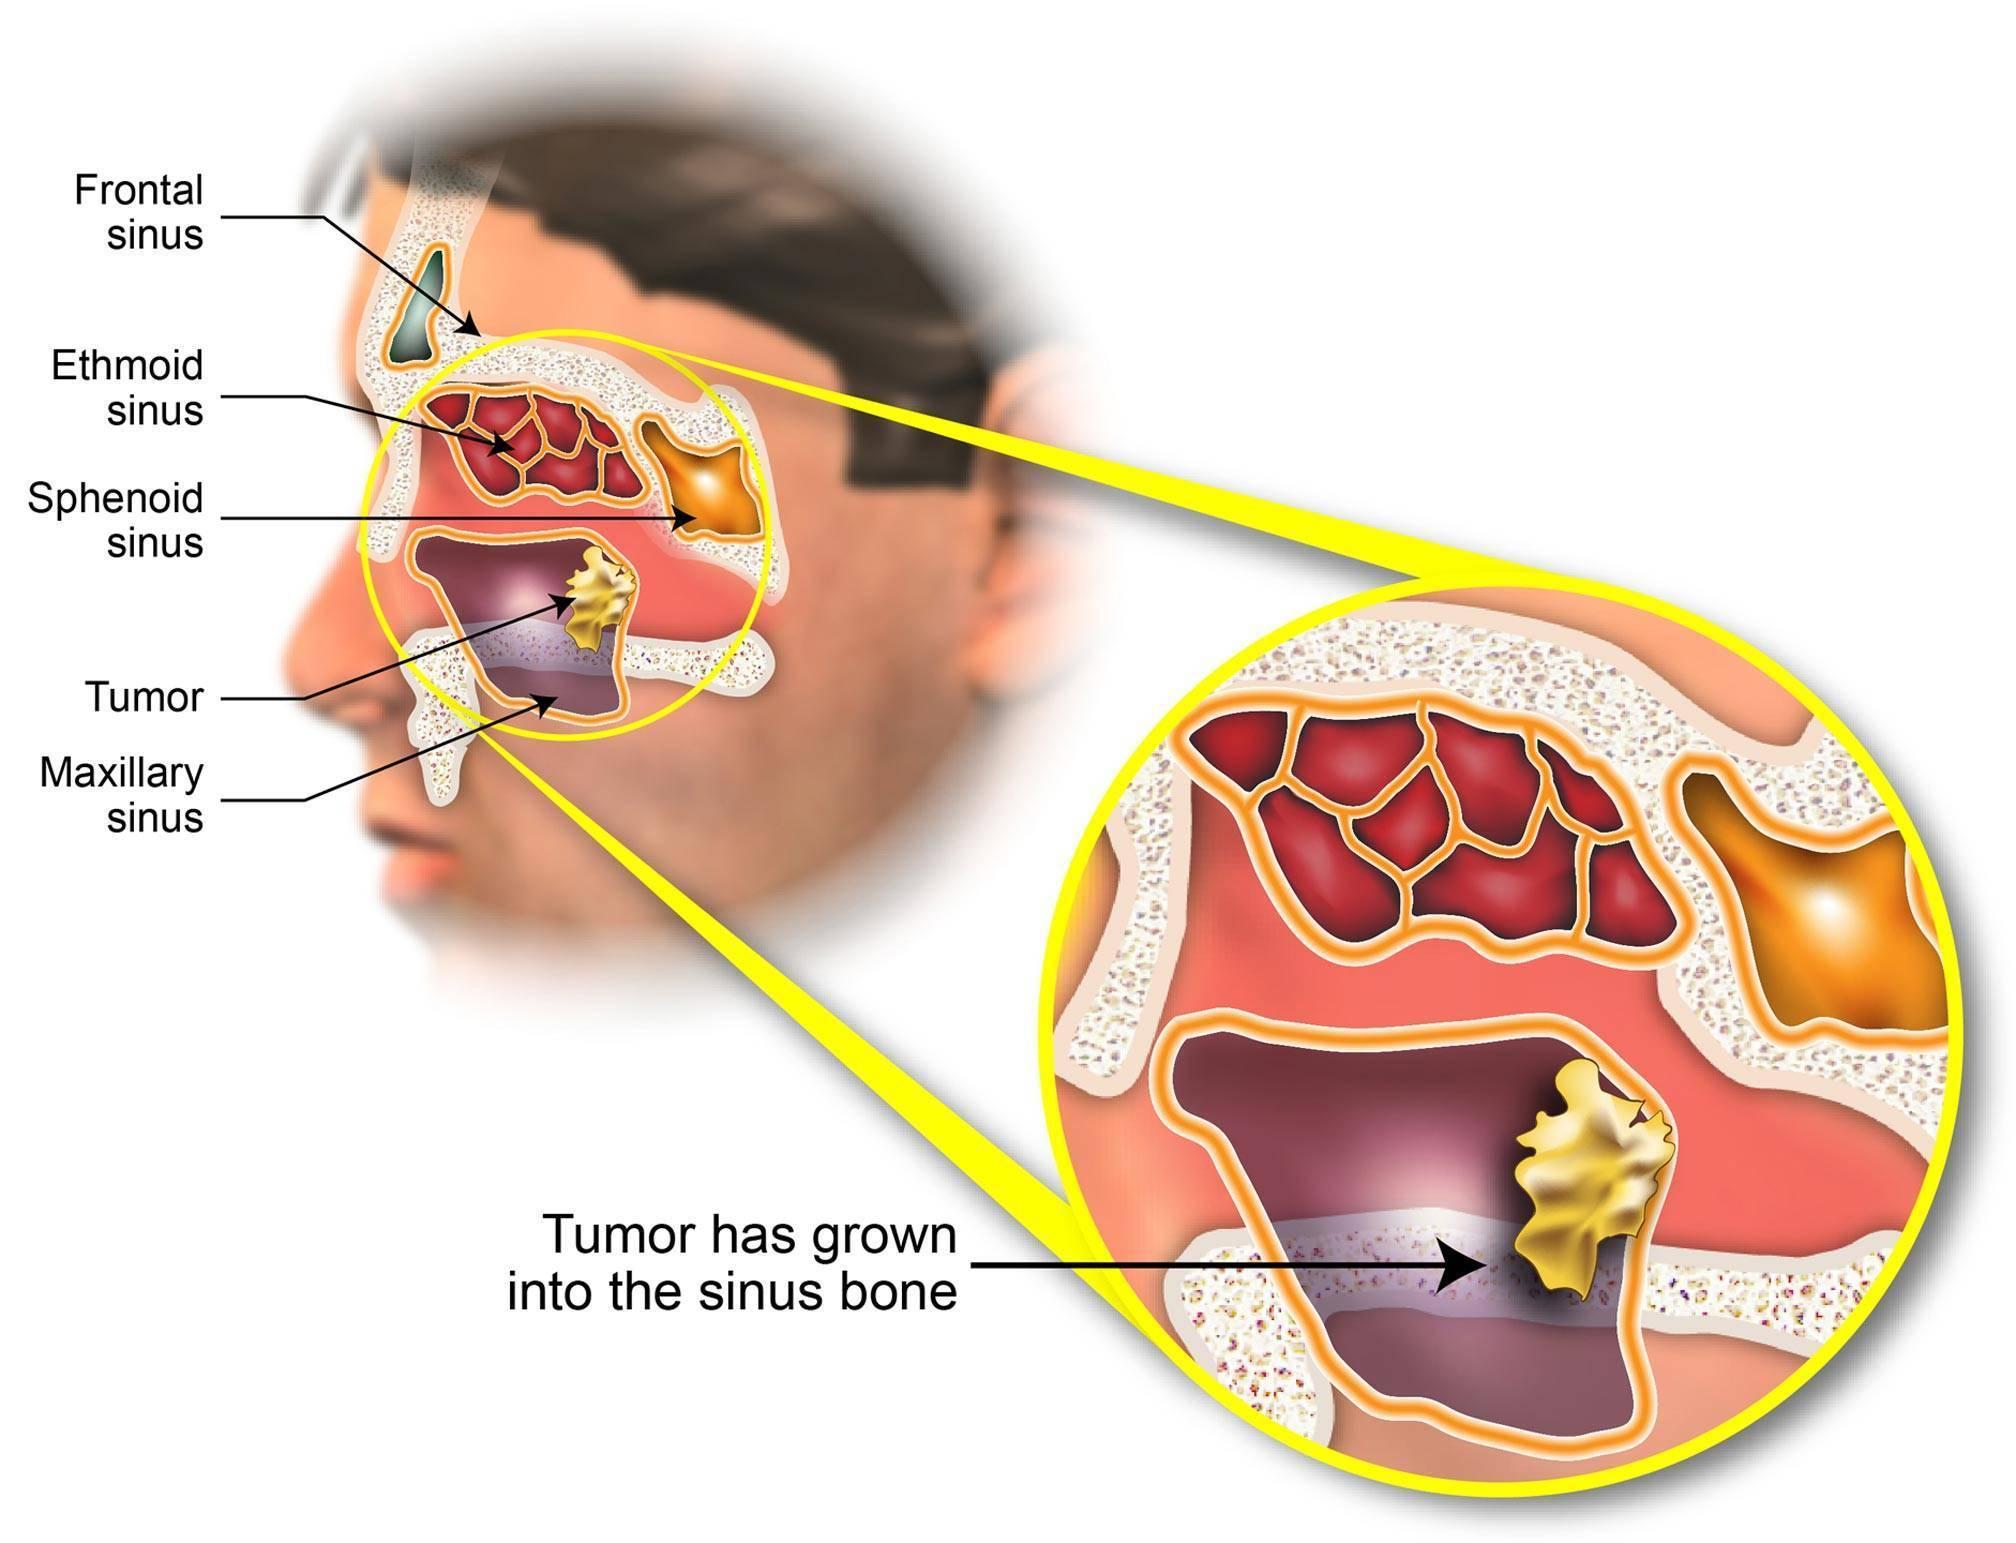 рак гайморовой пазухи прогноз